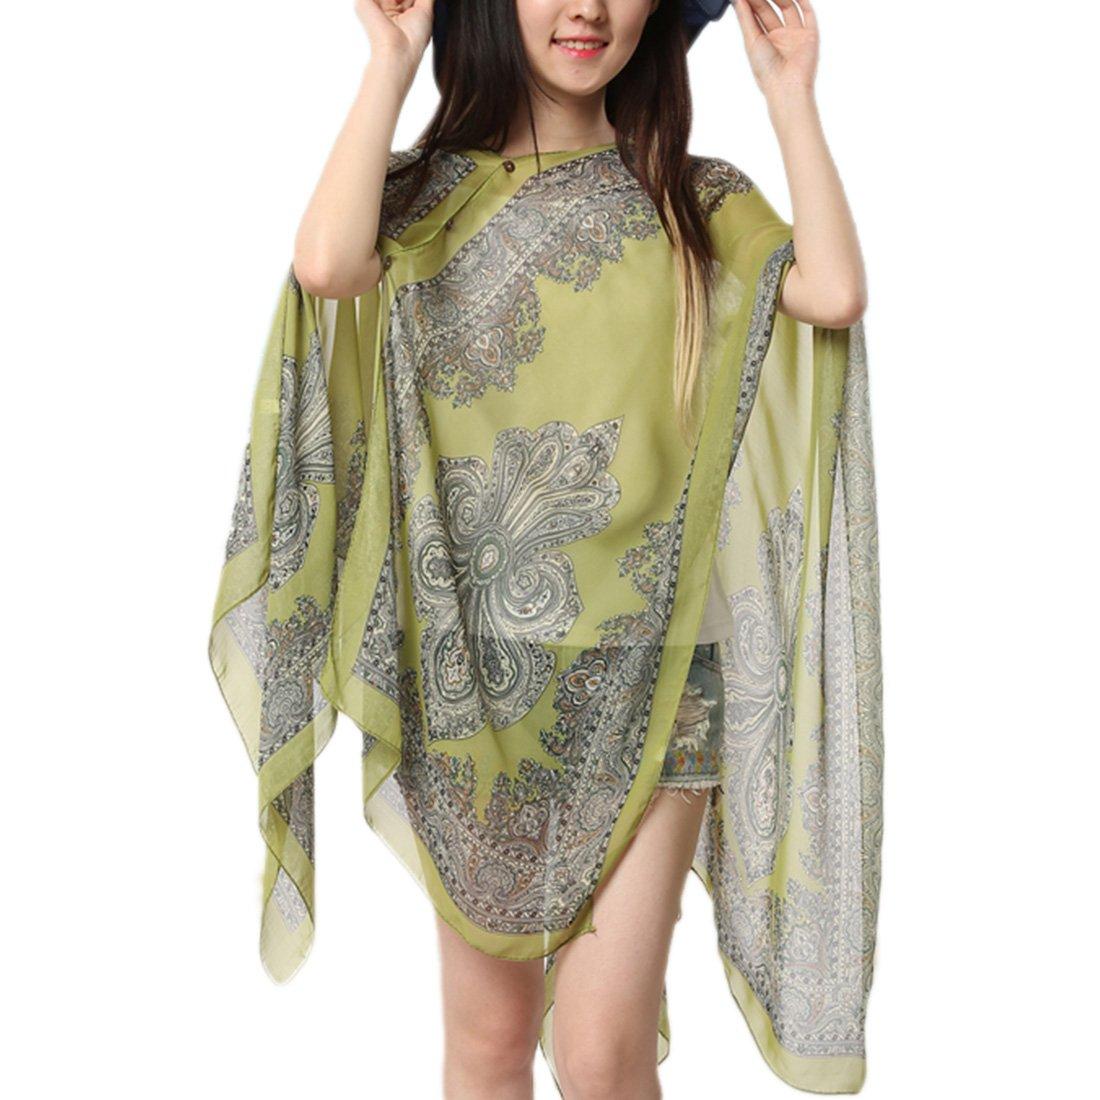 Sommer Damen Chiffon Beachwear Schals Poncho Bikini Cover-up Batwing  Chiffonbluse Tops: Amazon.de: Bekleidung